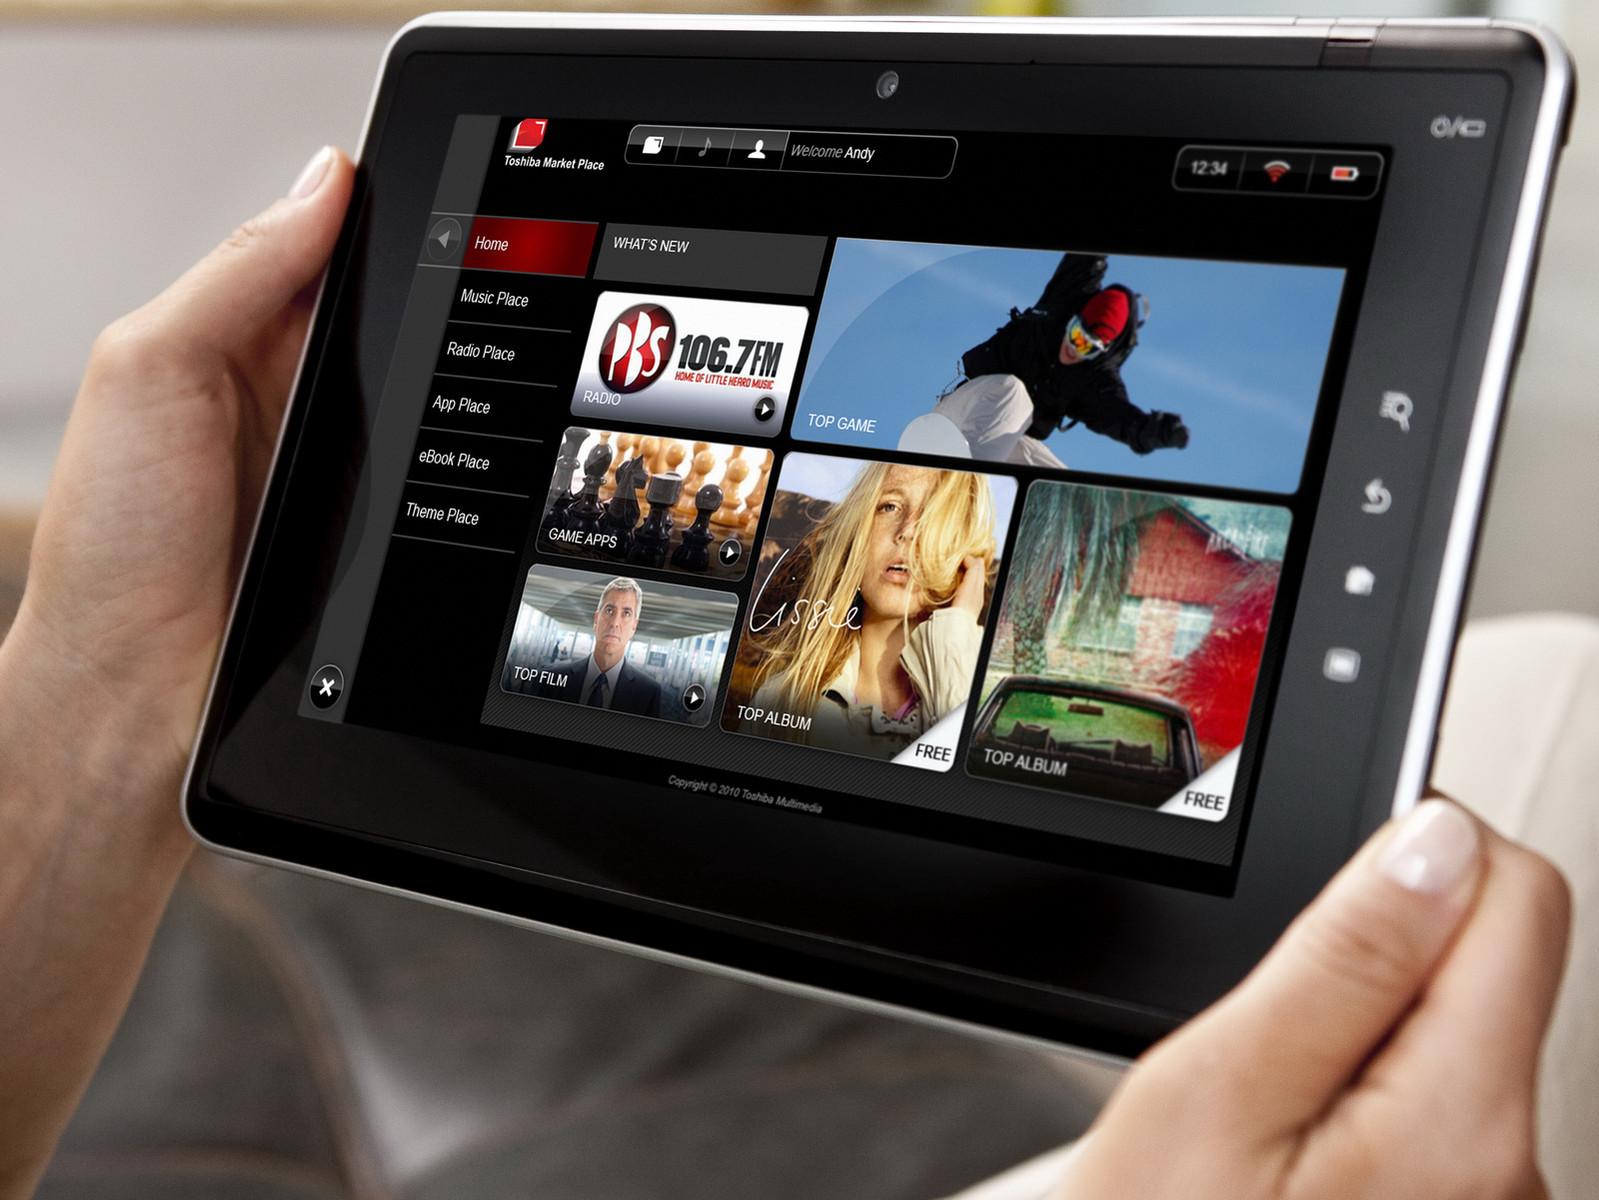 Смотреть бесплатную порнуху на планшете, Смотреть бесплатно онлайн порно видео, порно ролики 28 фотография